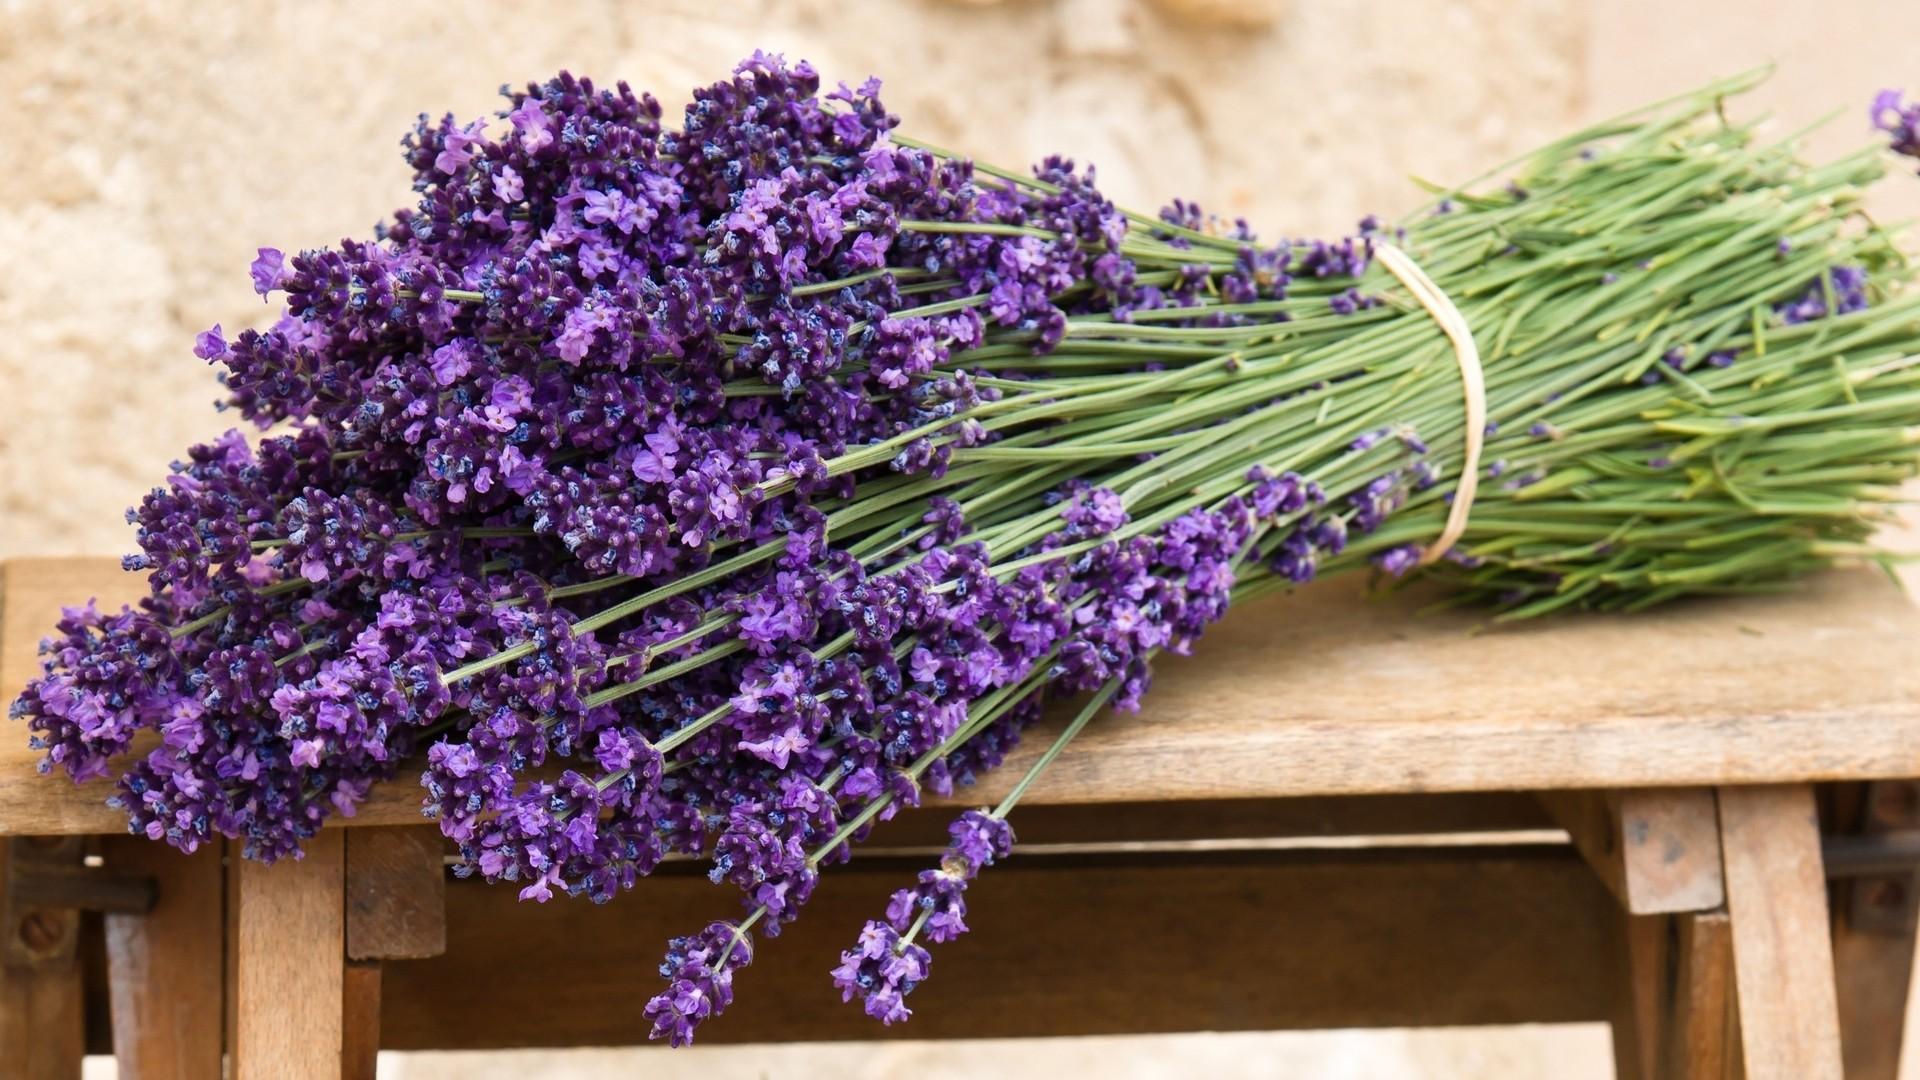 Lavender Free Wallpaper